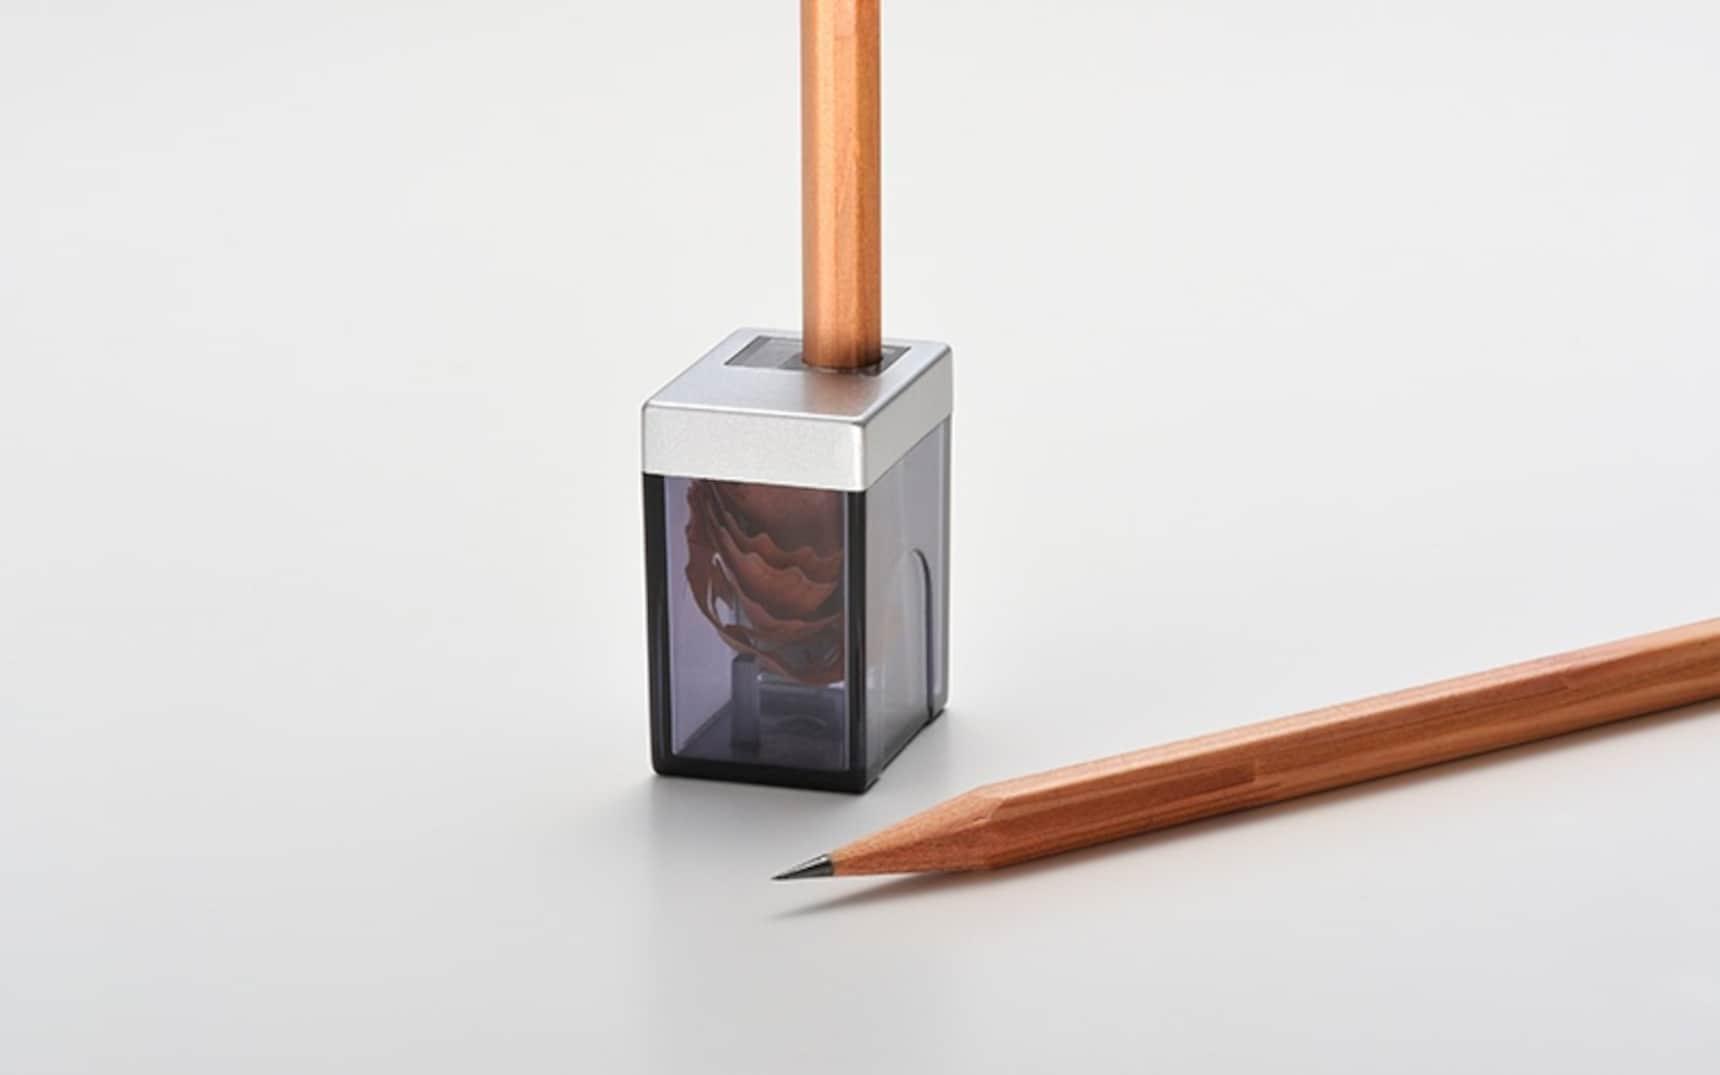 在寻找新世代的削笔刀么?